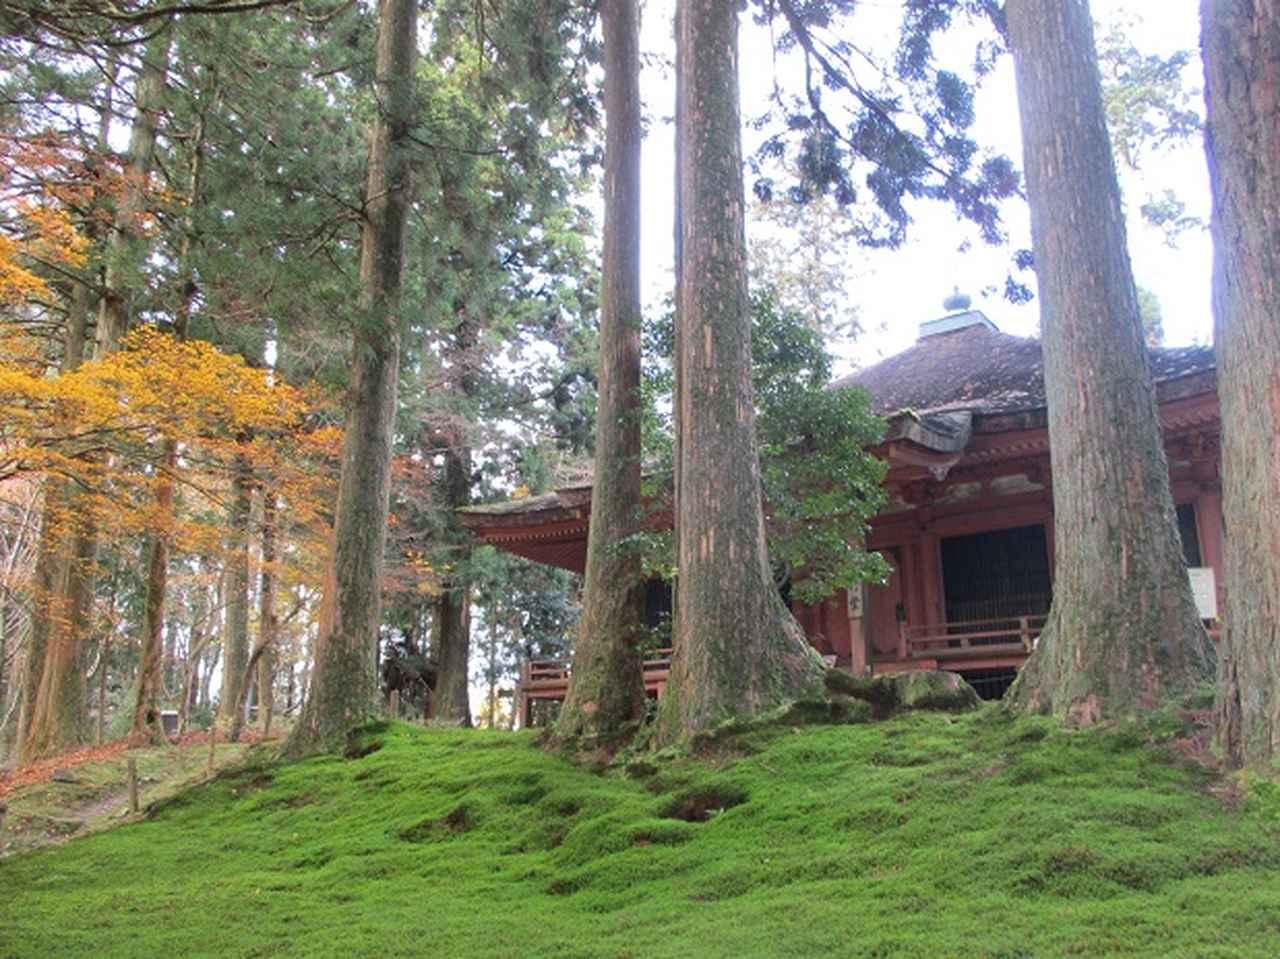 画像8: 先日11月27日より2泊3日で 山旅会 「京都」 ツアーにいってまいりました!